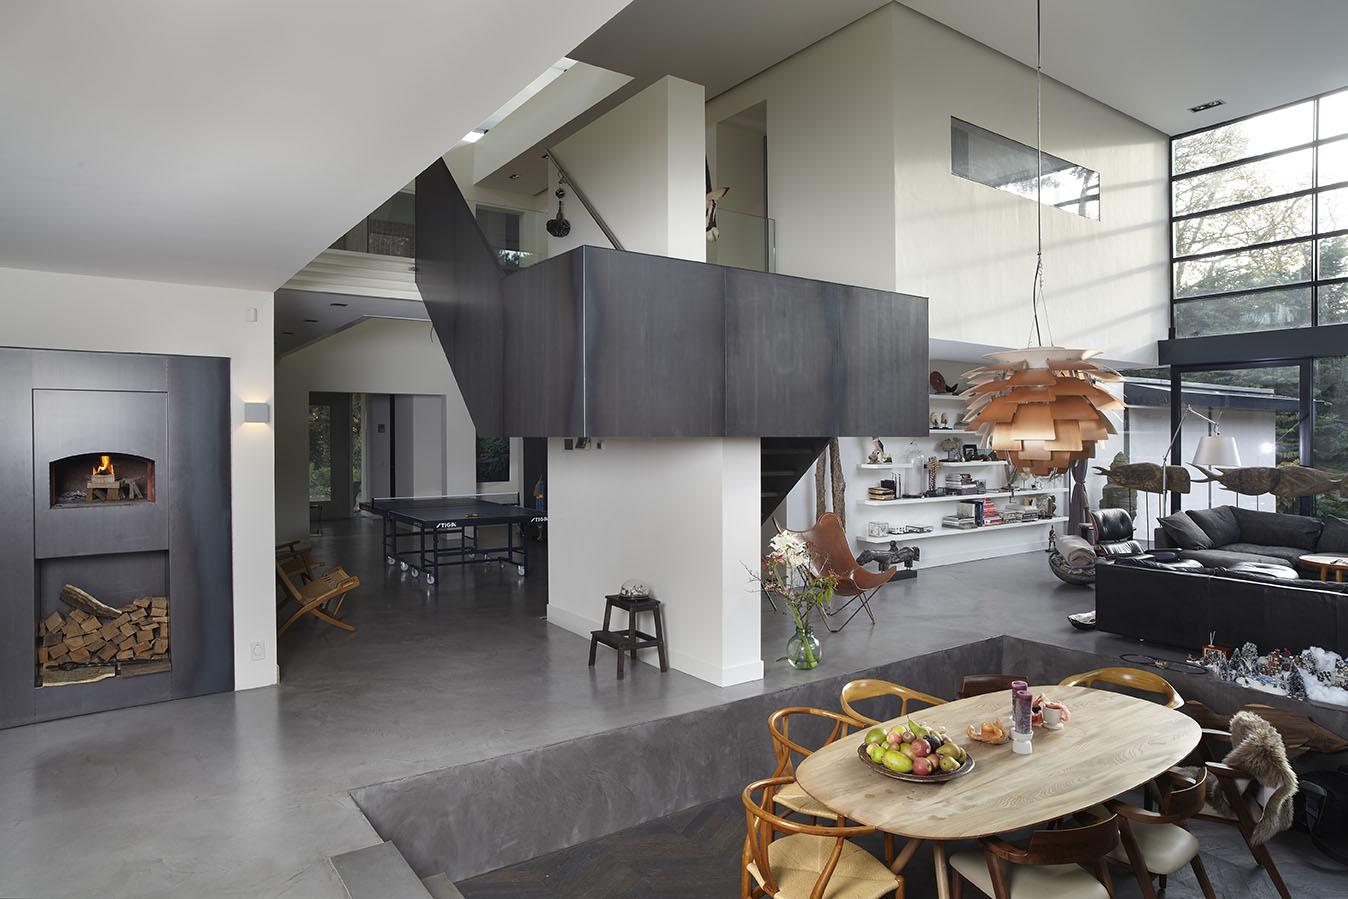 Keuken met trap - Open keuken op verblijf ...